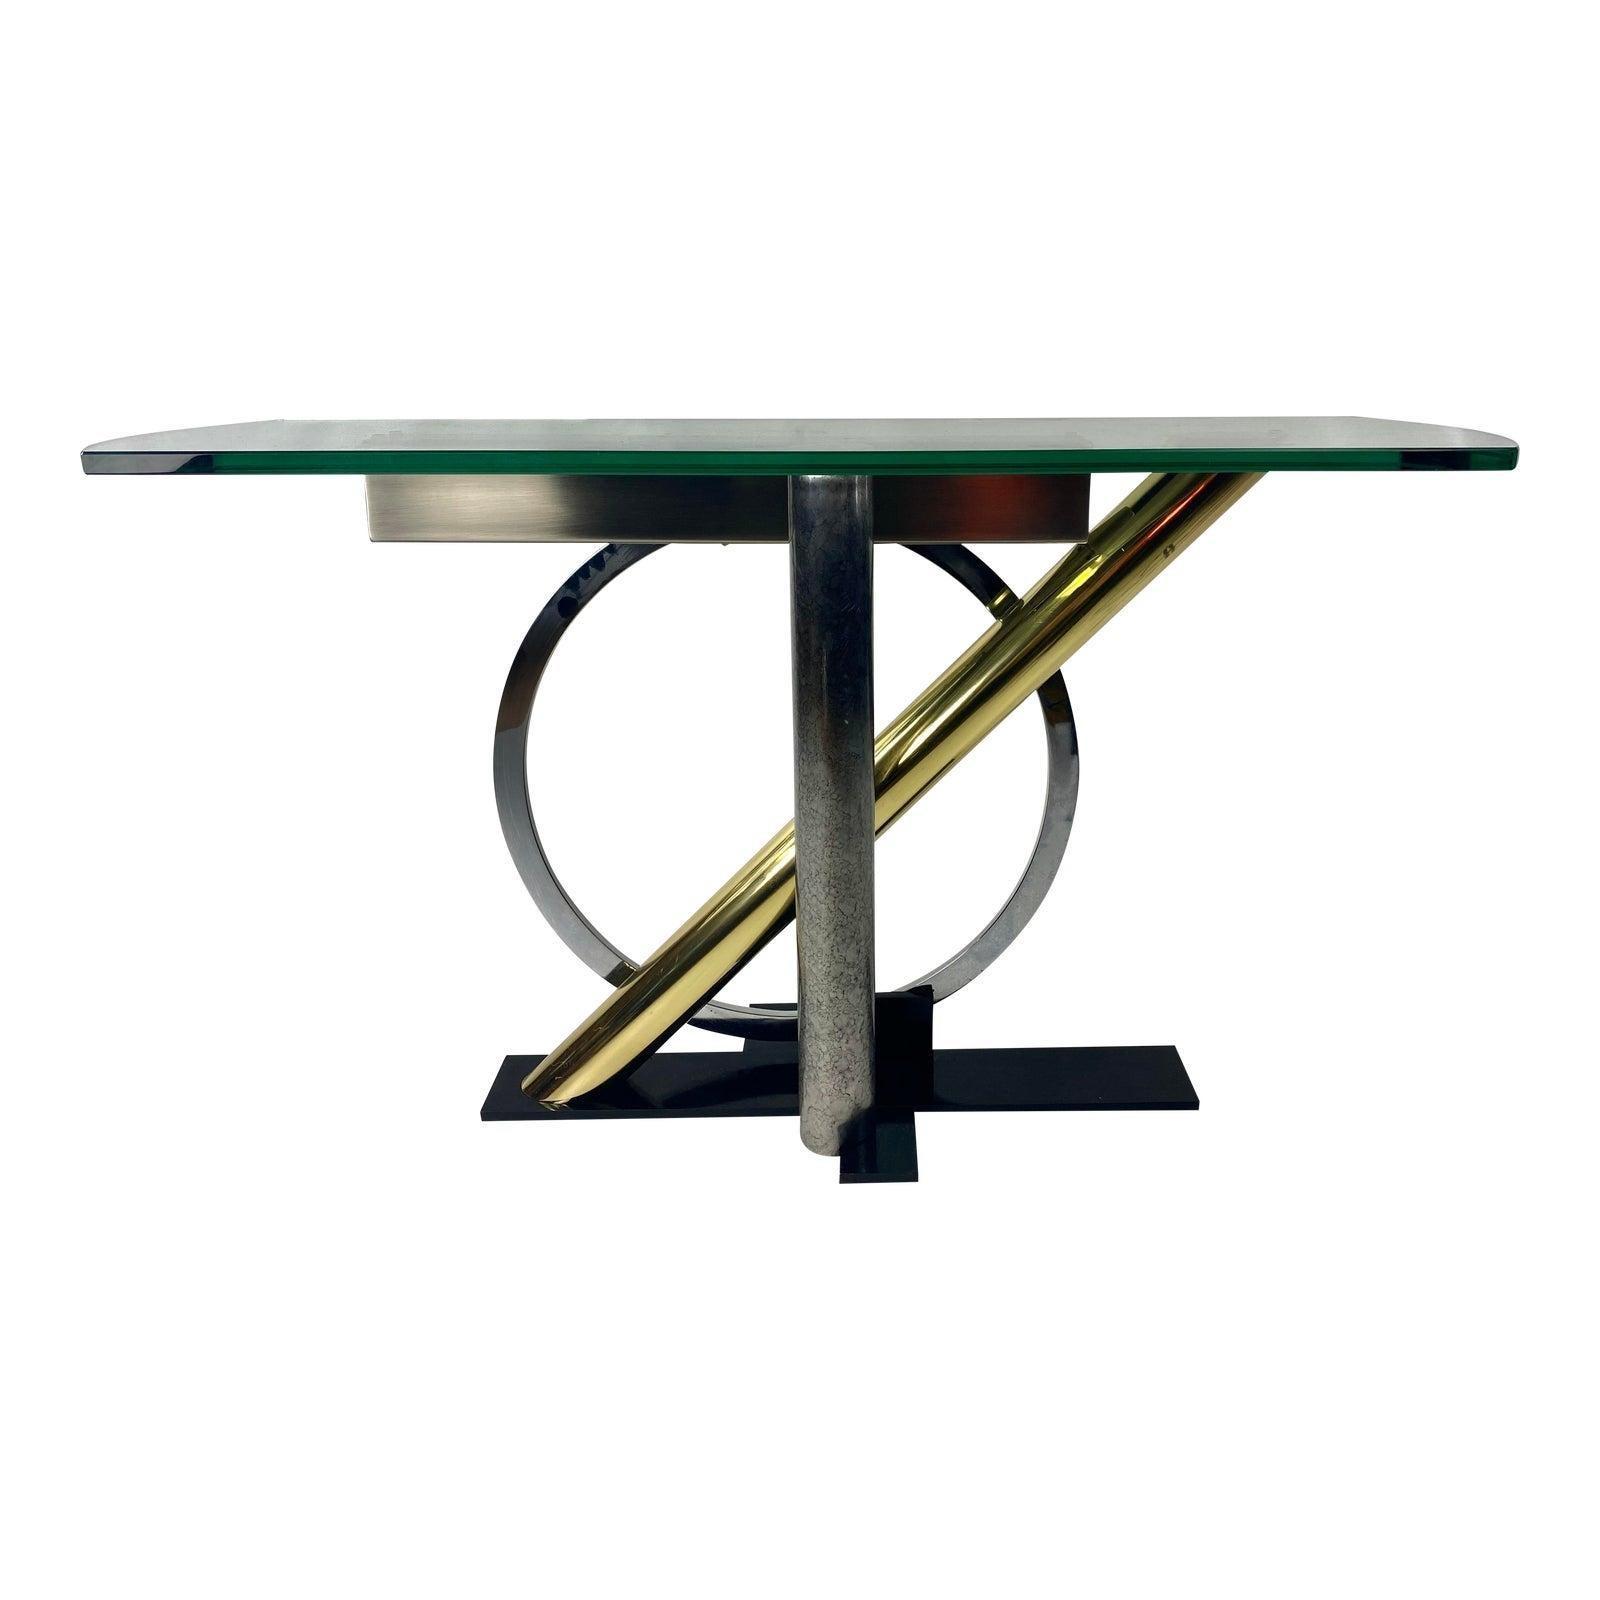 Postmodern Kaizo Oto for Design Institute America Console Table